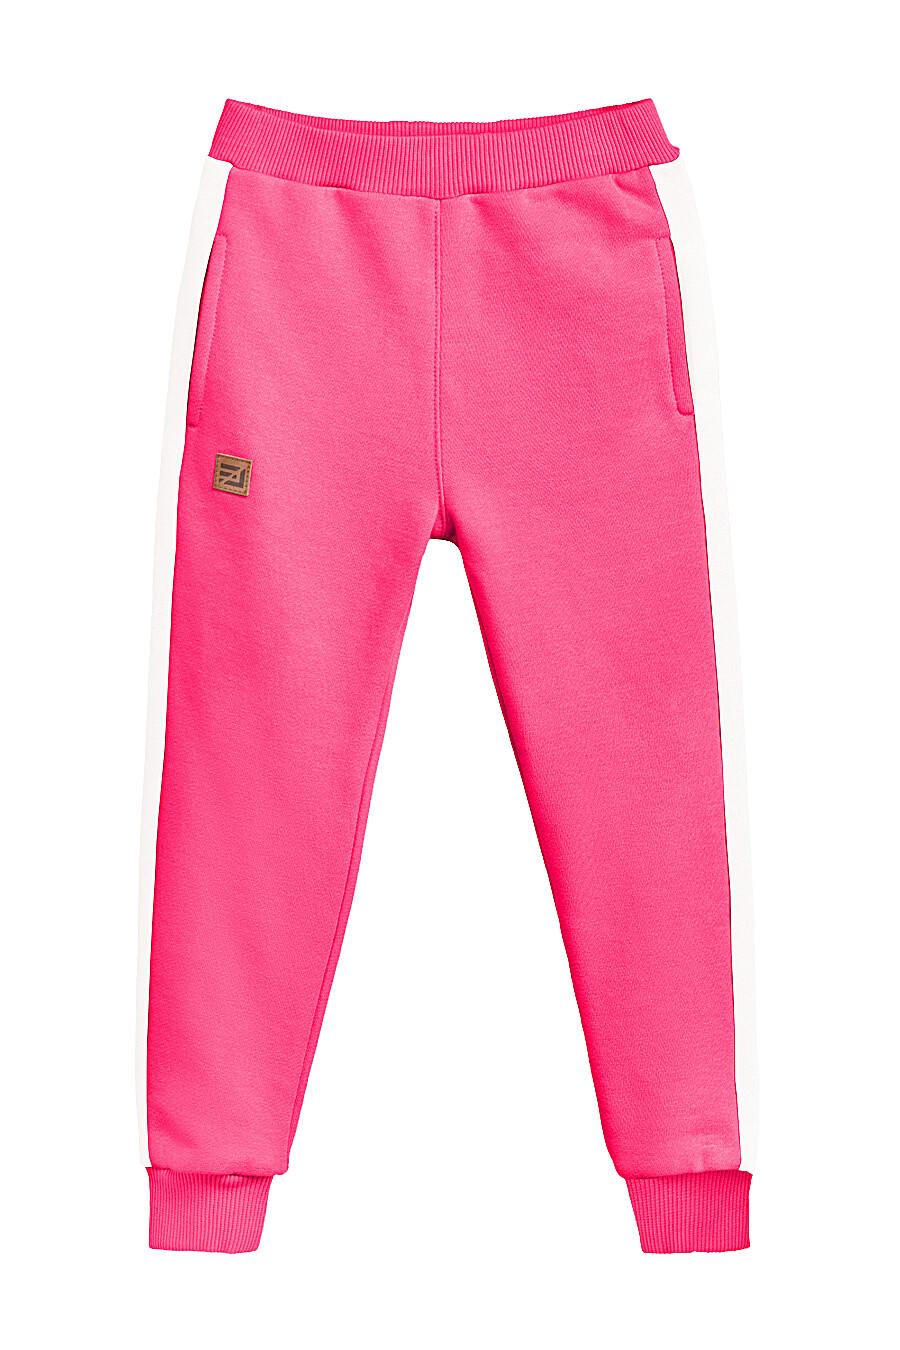 Брюки для девочек EZANNA 668069 купить оптом от производителя. Совместная покупка детской одежды в OptMoyo